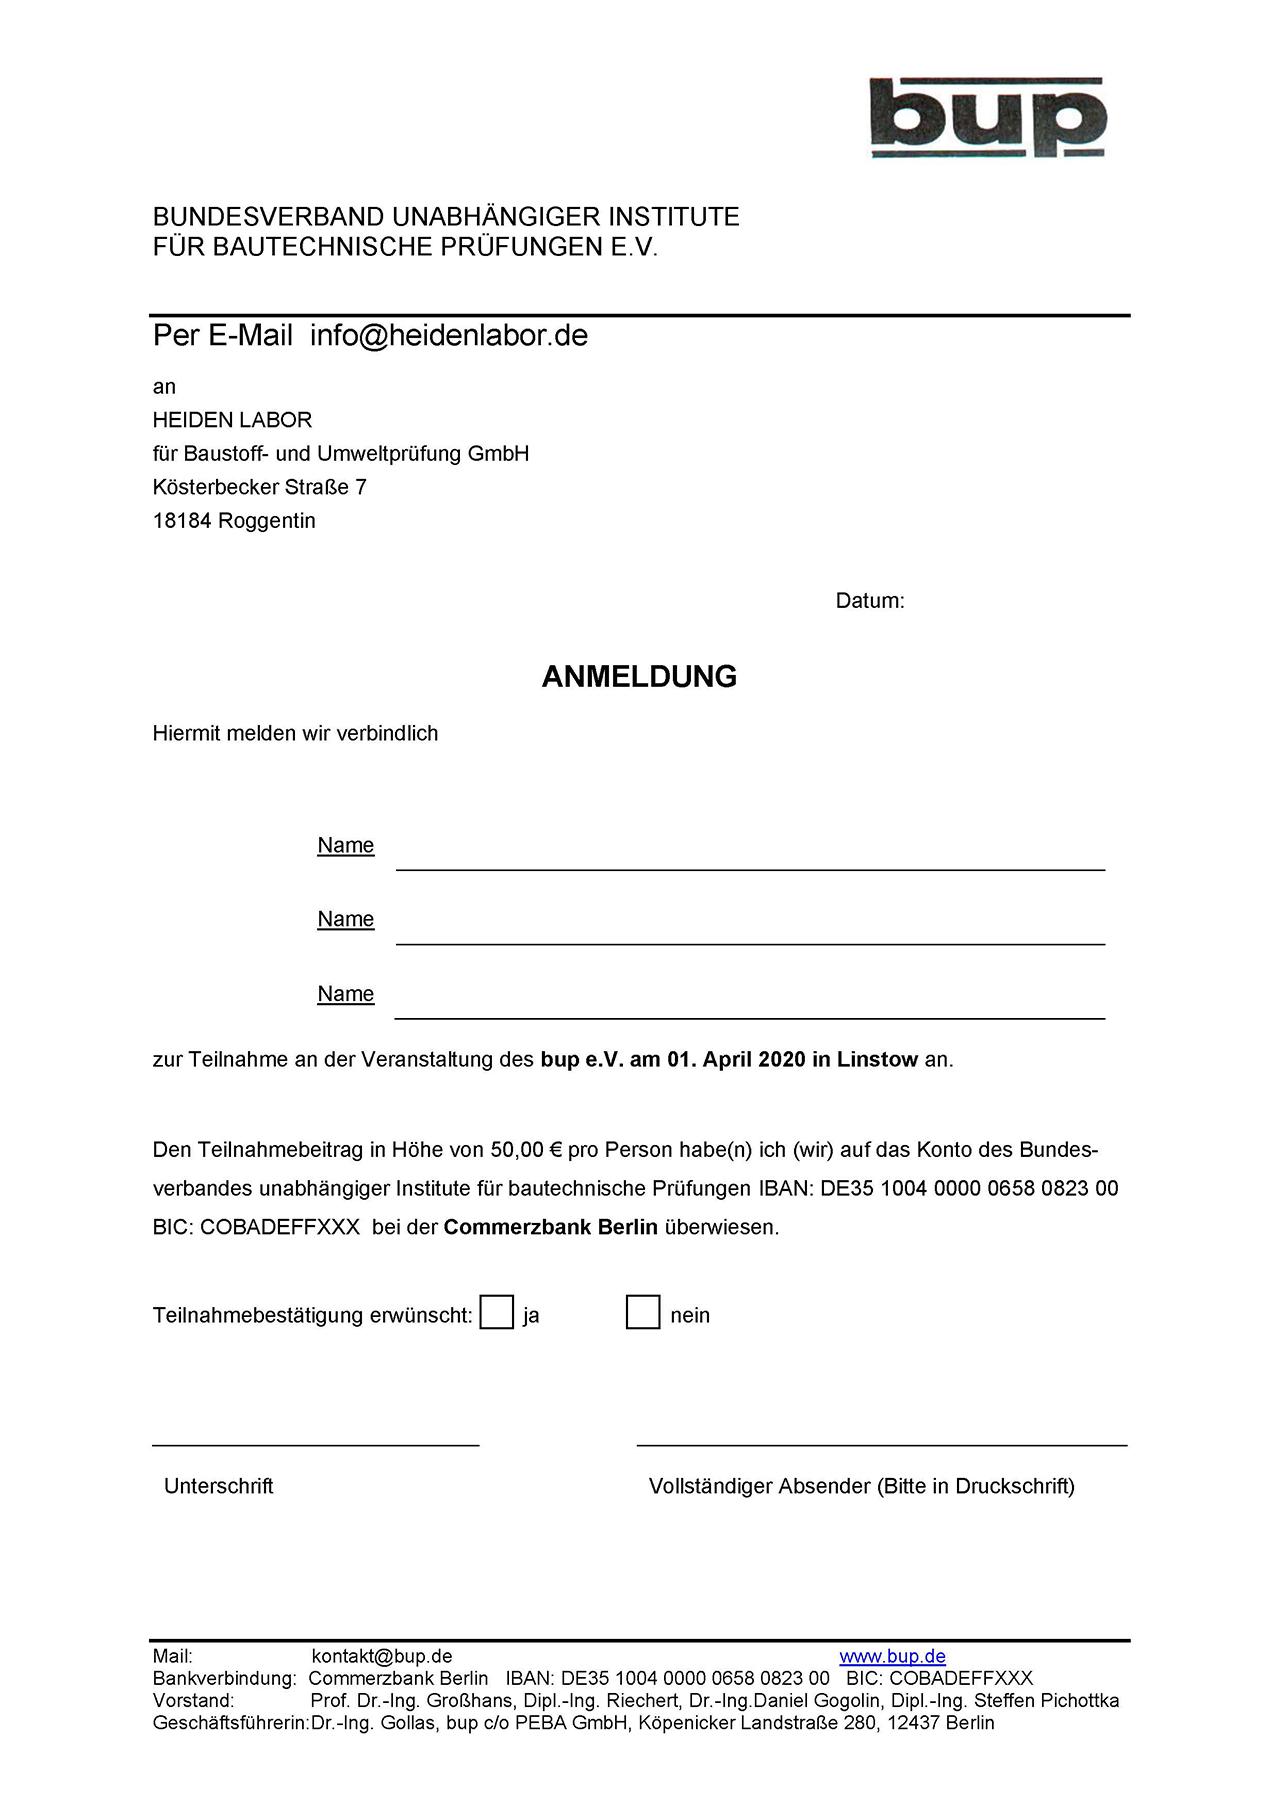 Linstow-2020_Anmeldung